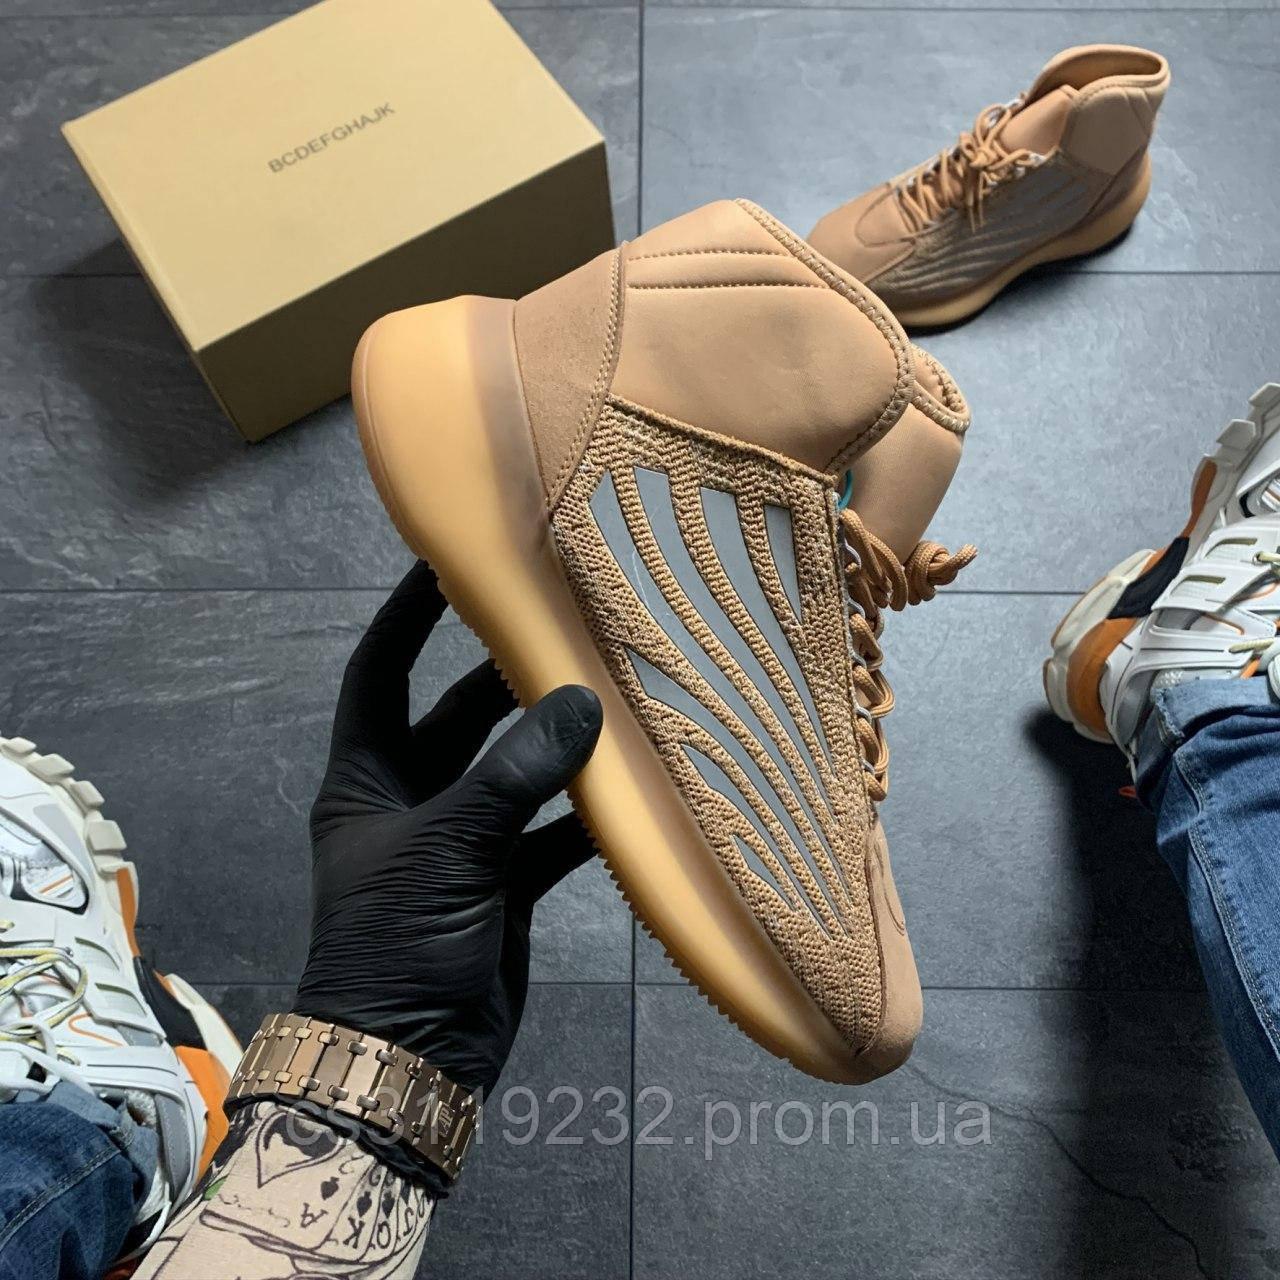 Мужские кроссовки Adidas Yeezy Basketball Quantum Beige (бежевые)